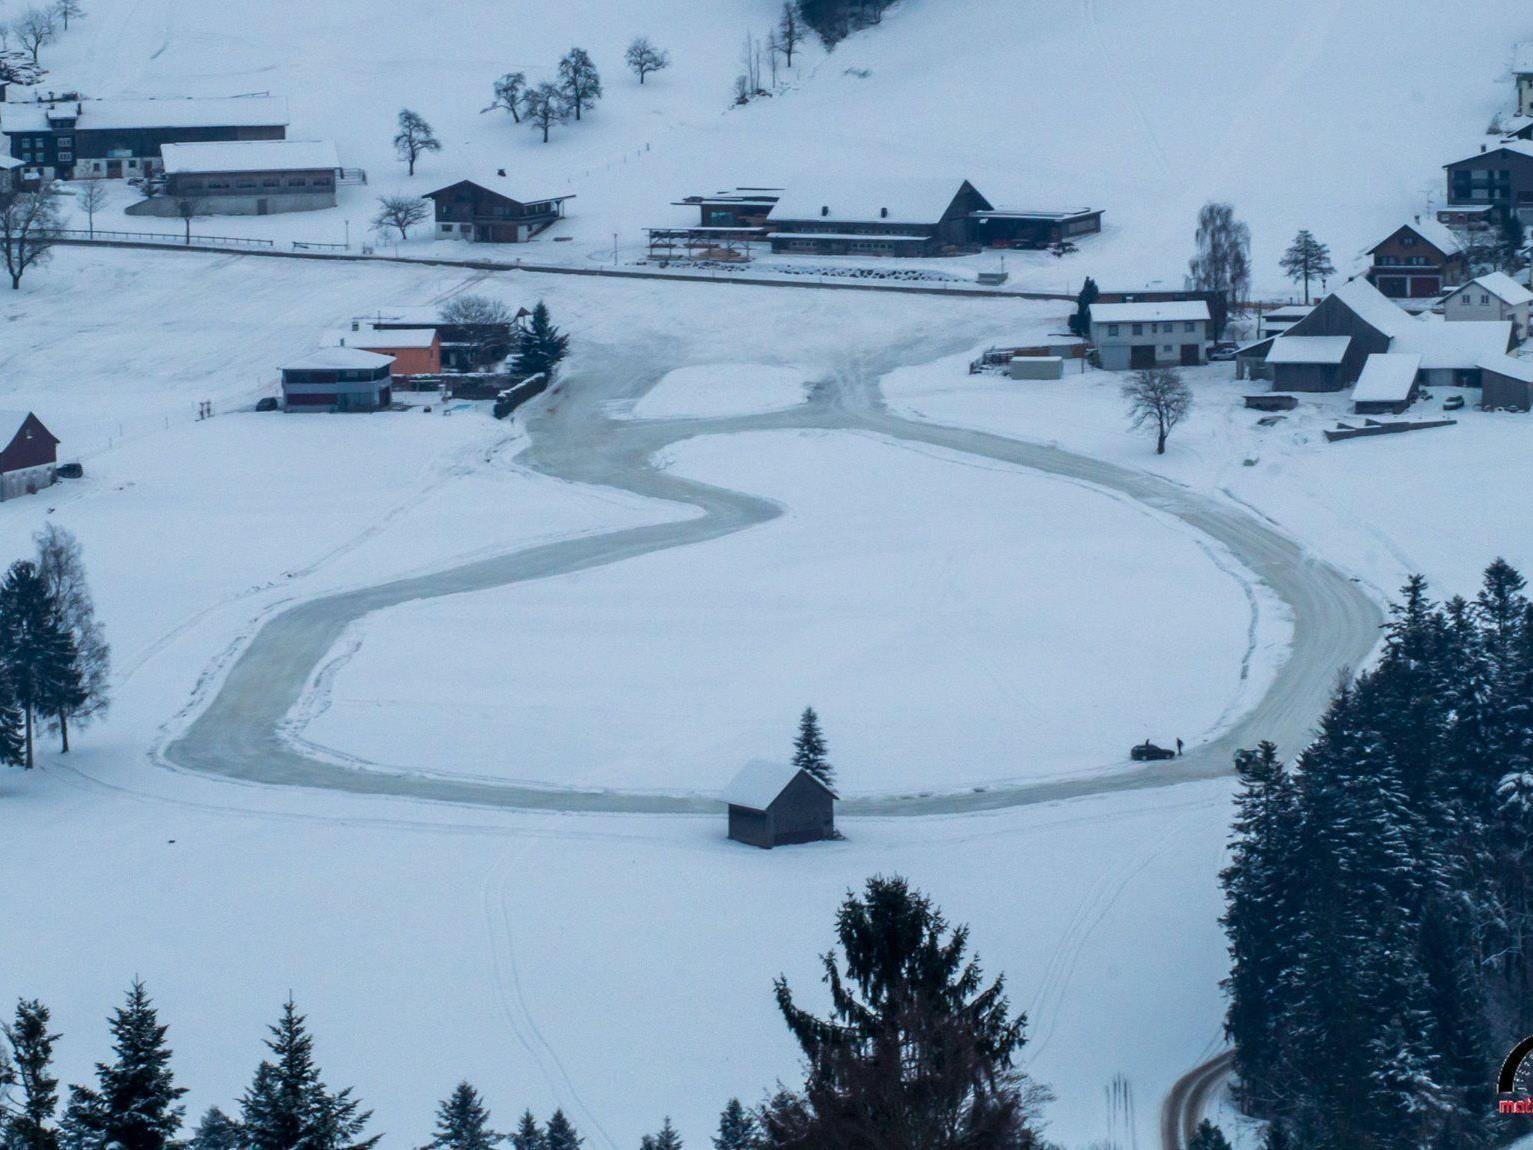 Der Motorsportclub Alberschwende hat die Strecke perfekt präpariert.